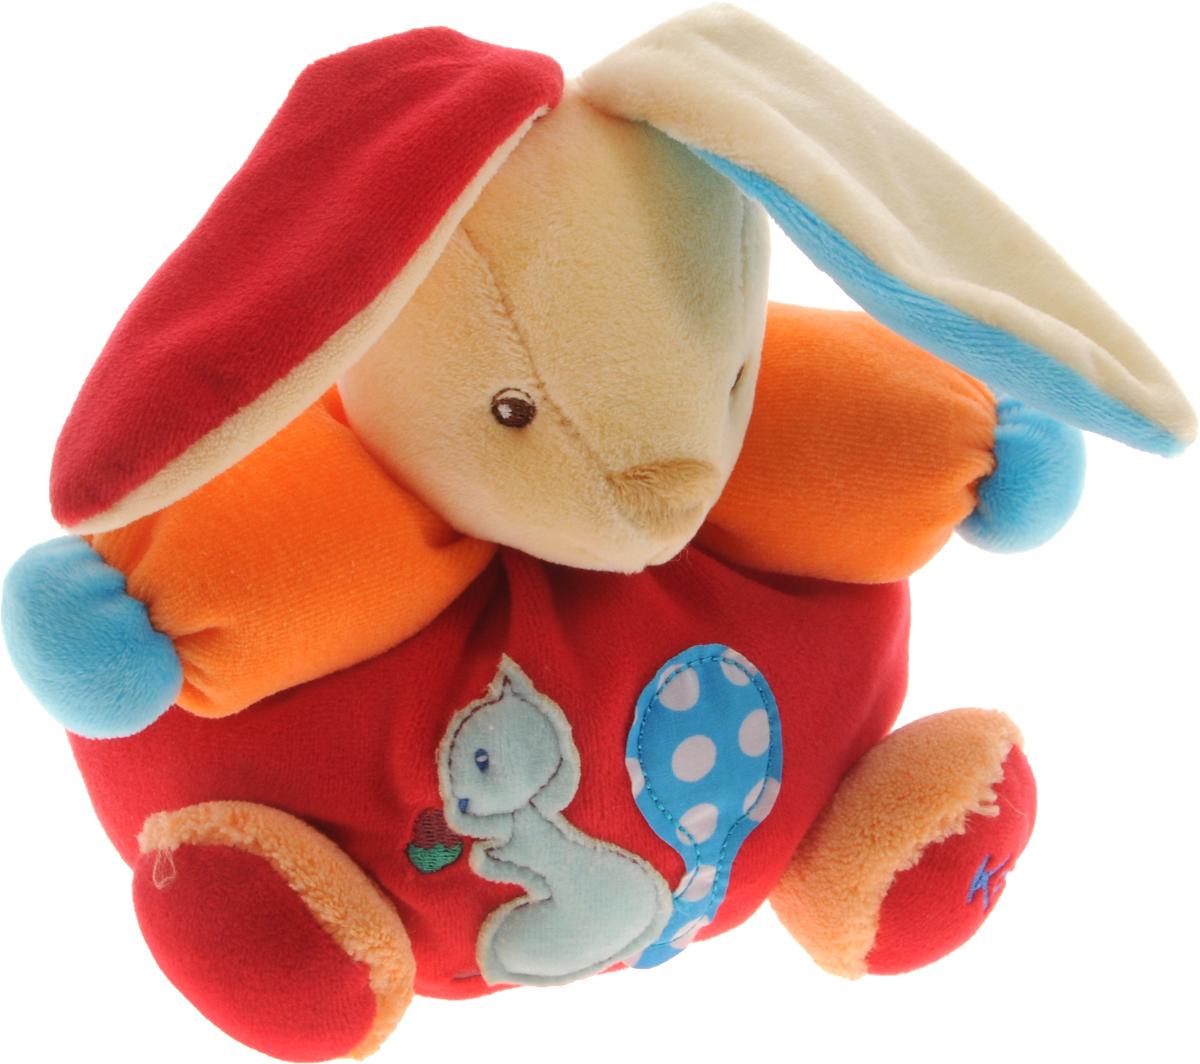 Kaloo Мягкая игрушка Заяц Белочка 15 см kaloo мягкая игрушка заяц большой песочный коллекция руж kaloo